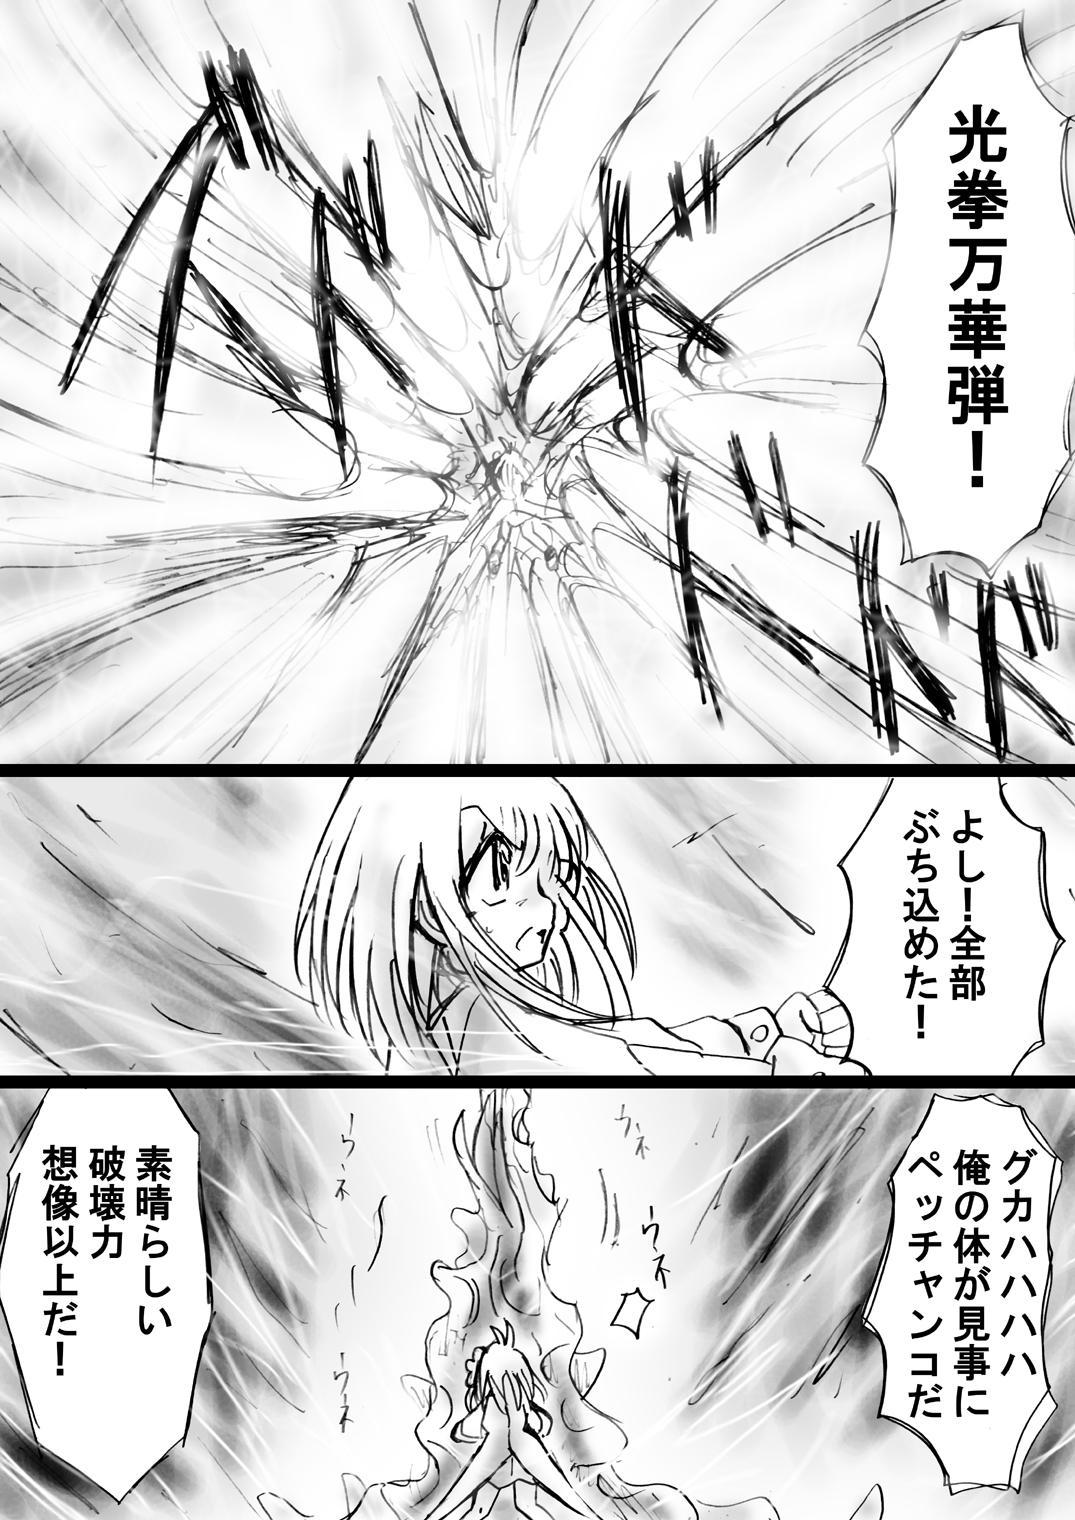 [Dende] Fushigi Sekai -Mystery World- no Nona 17 ~ Taiketsu Fujimi no Dai Inma Dakurasu, Kanzen Sekka no Kyoufu 40